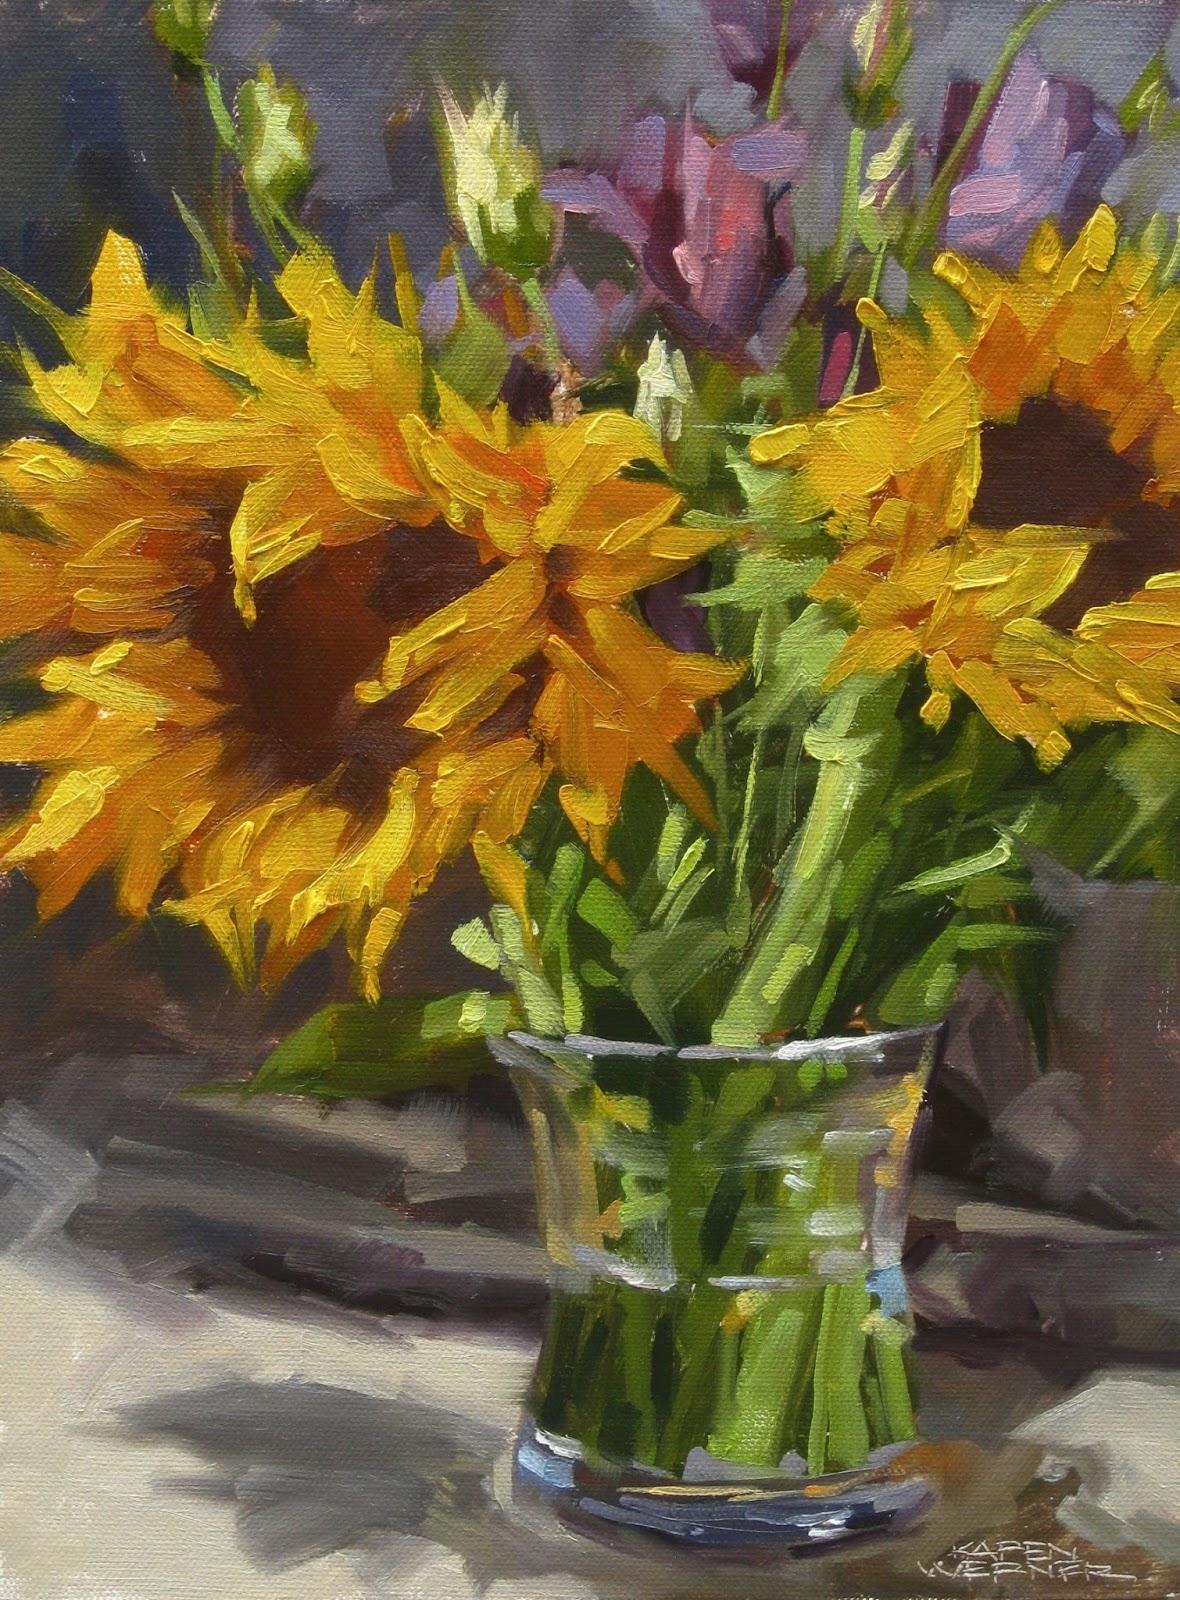 Karen Werner Fine Art Sunflowers Amp Violet An Oil